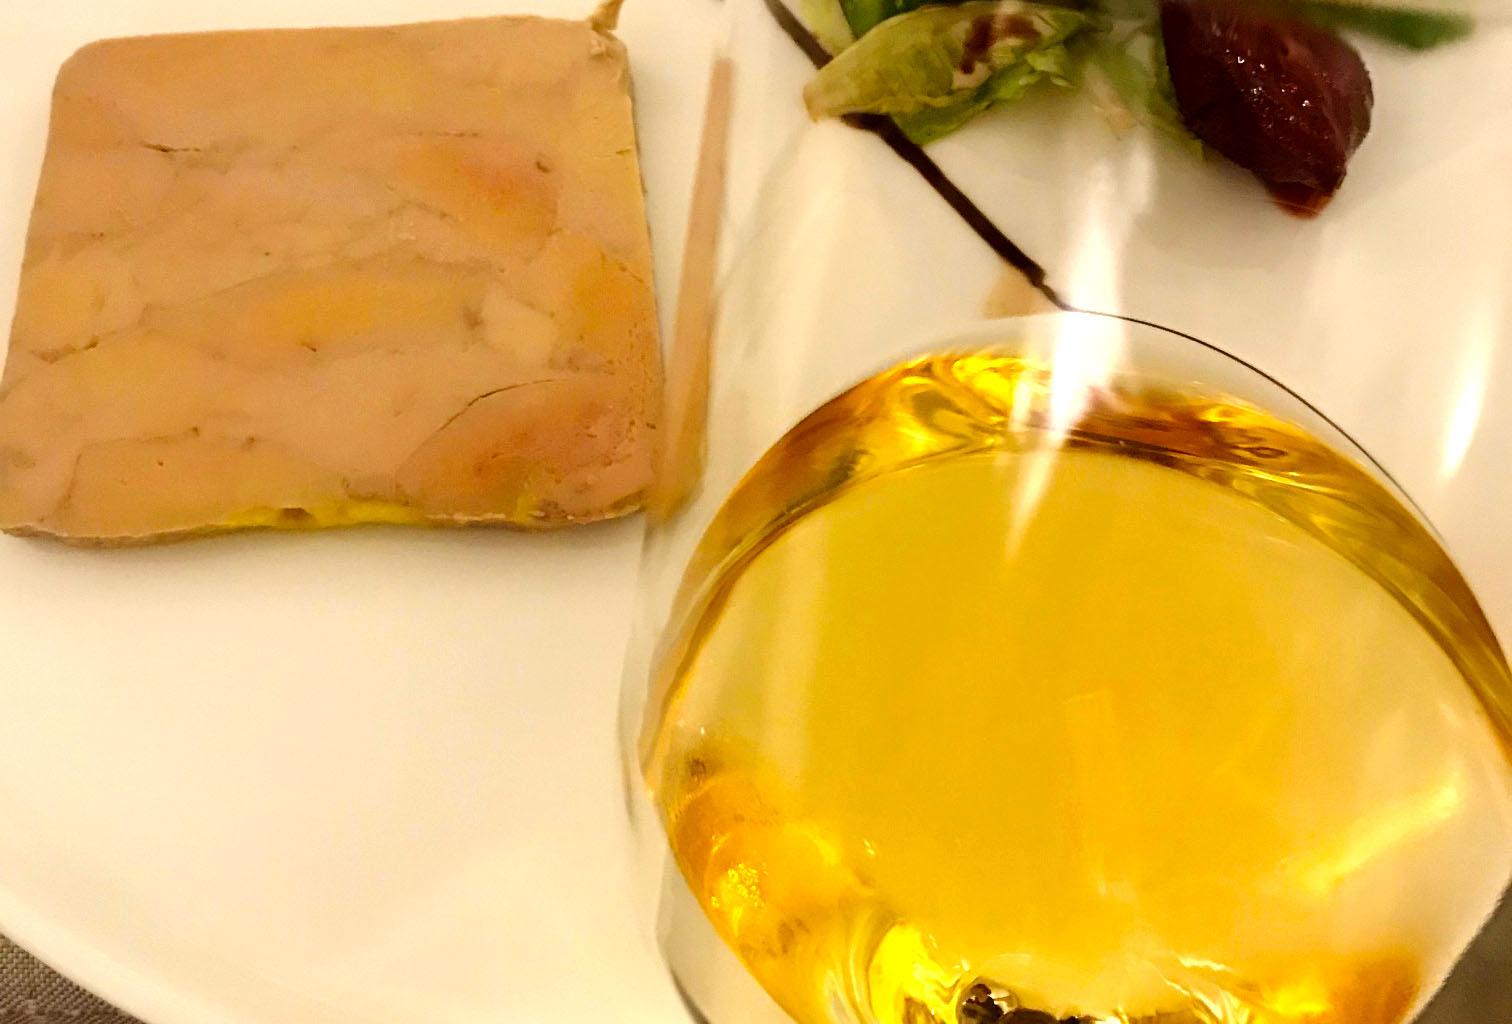 vin-alsace-noel-gewurtz